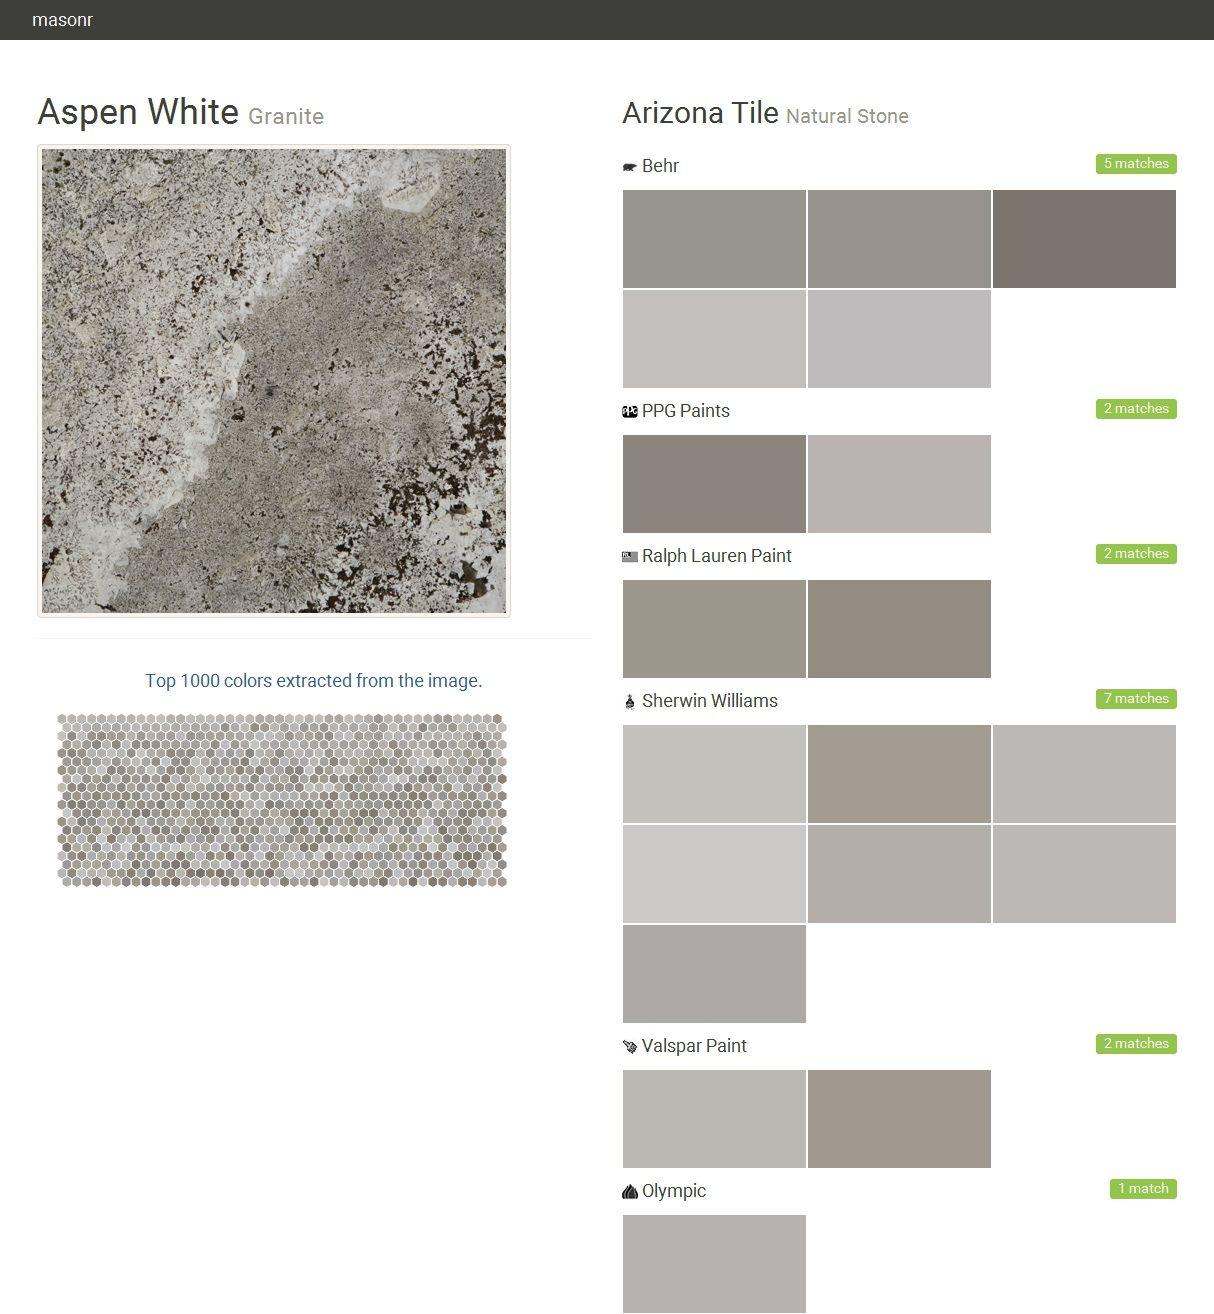 Aspen White Granite Natural Stone Arizona Tile Behr